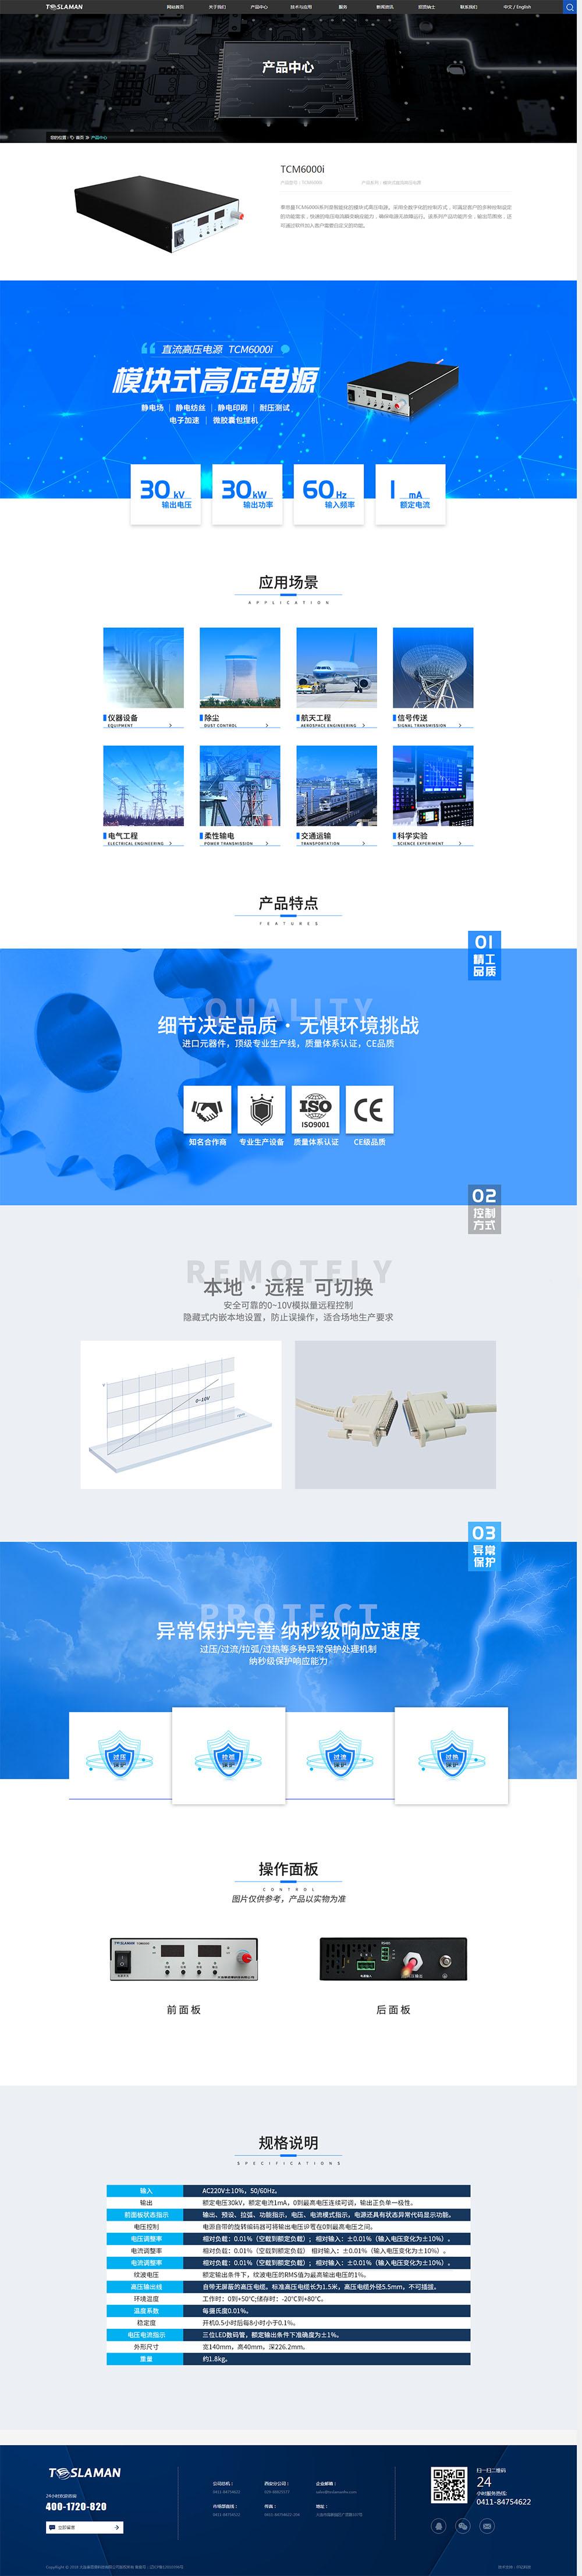 b2b网站建设公司_大连泰思曼科技有限公司